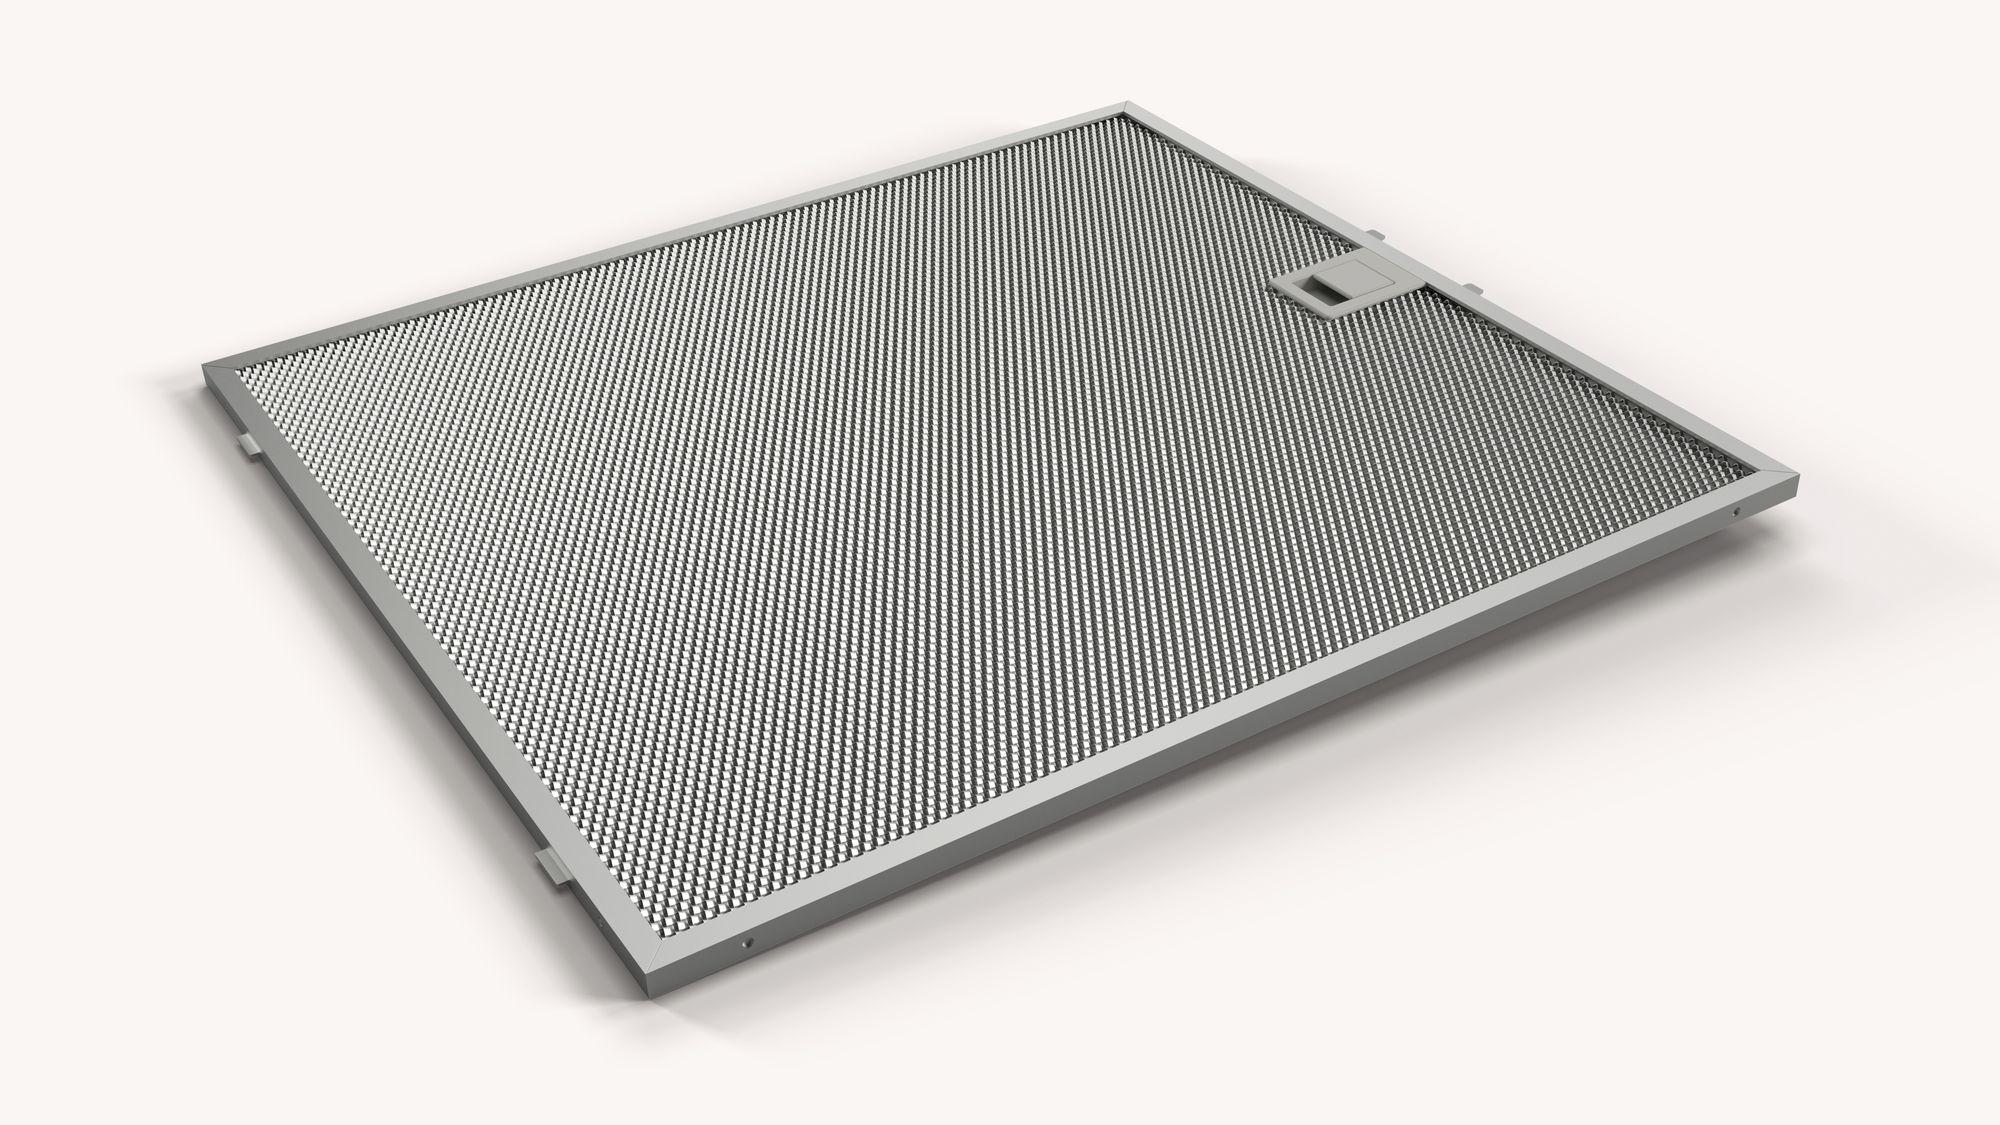 dunstabzugshaube constructa cd656860 schwarz glas 60cm modulk chen bloc modulk che online kaufen. Black Bedroom Furniture Sets. Home Design Ideas